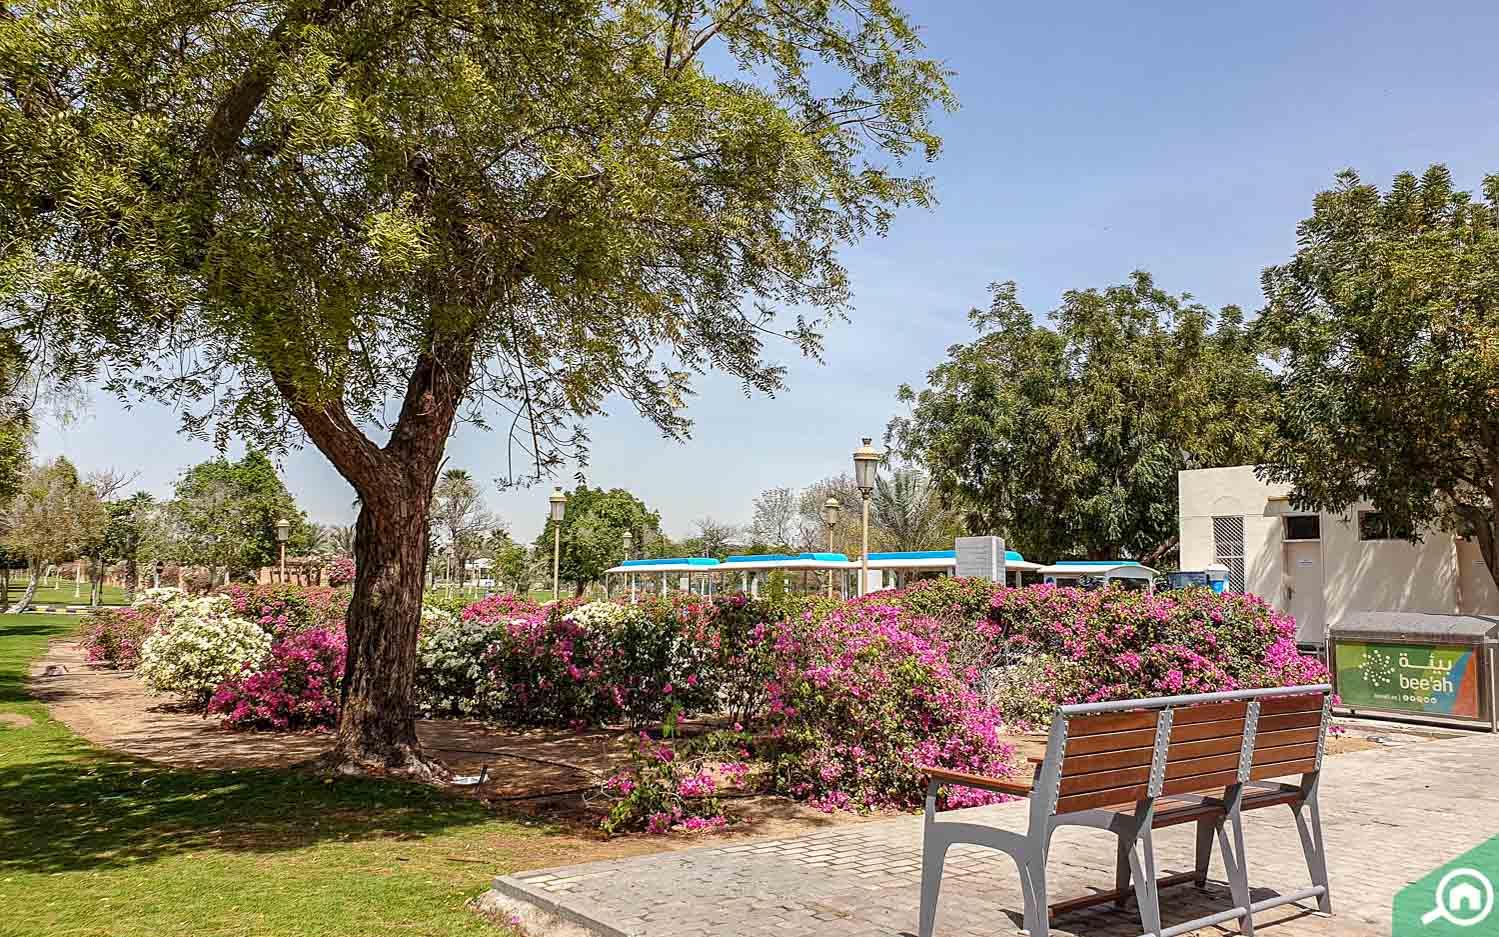 Sharjah Park